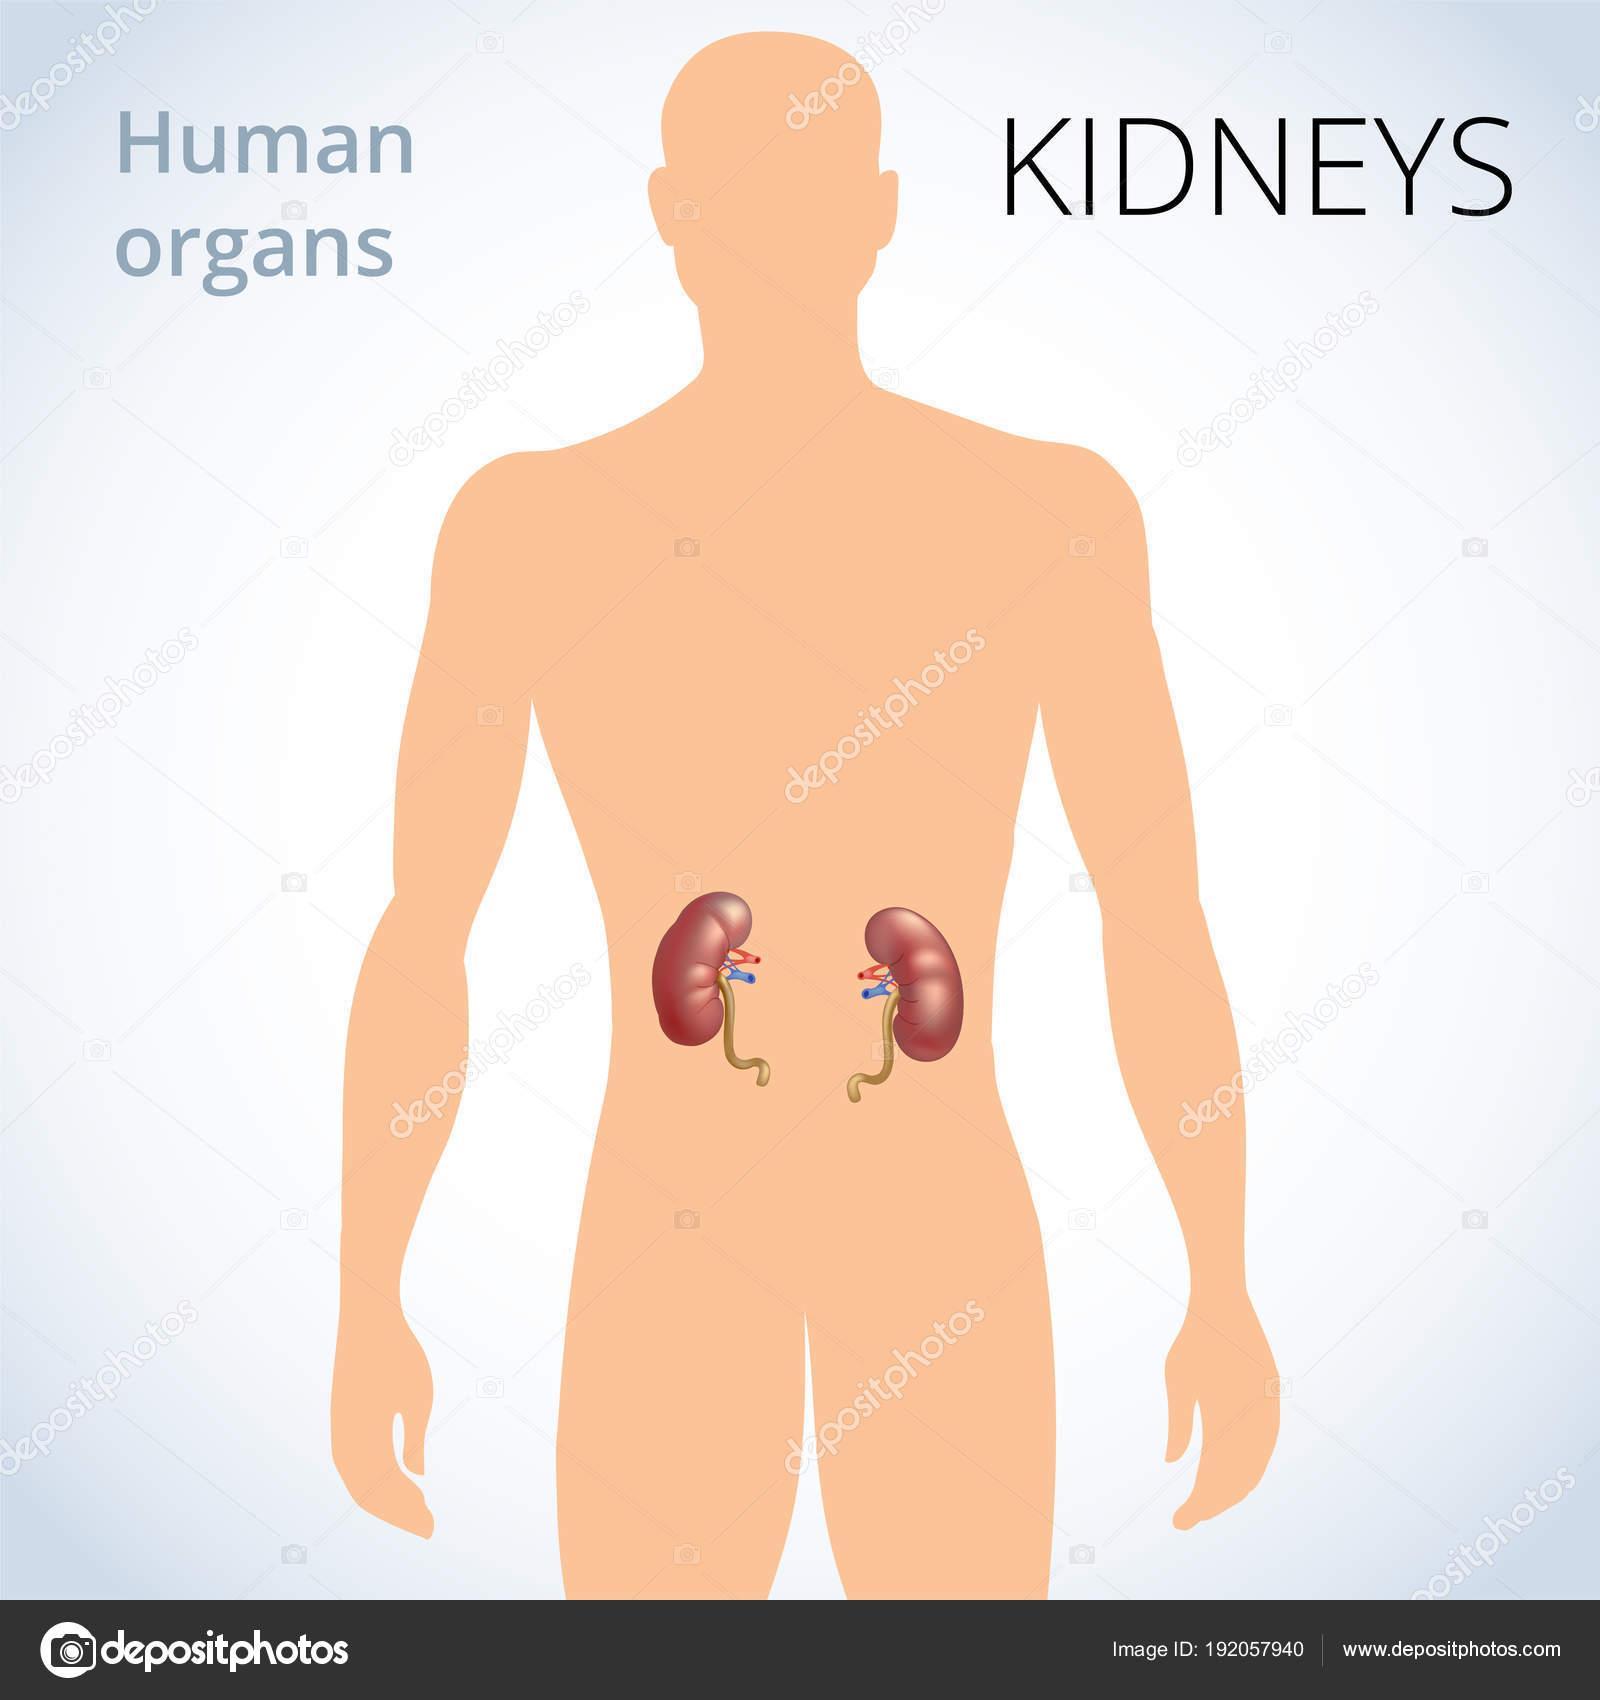 die Lage der Nieren im Körper, die menschlichen Ausscheidungsorgane ...